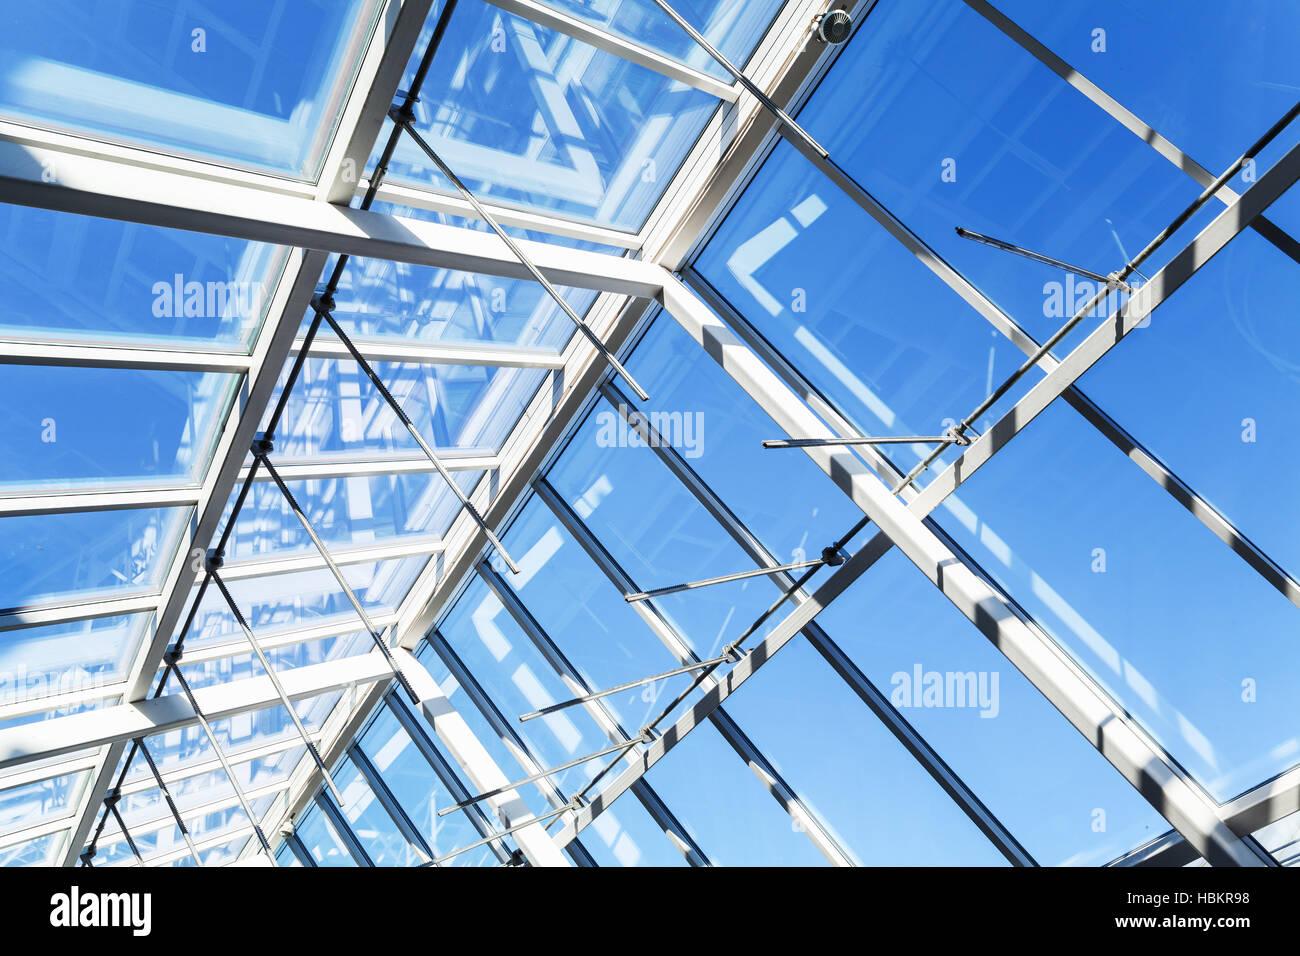 La Moderna Arquitectura High Tech Antecedentes Estructura